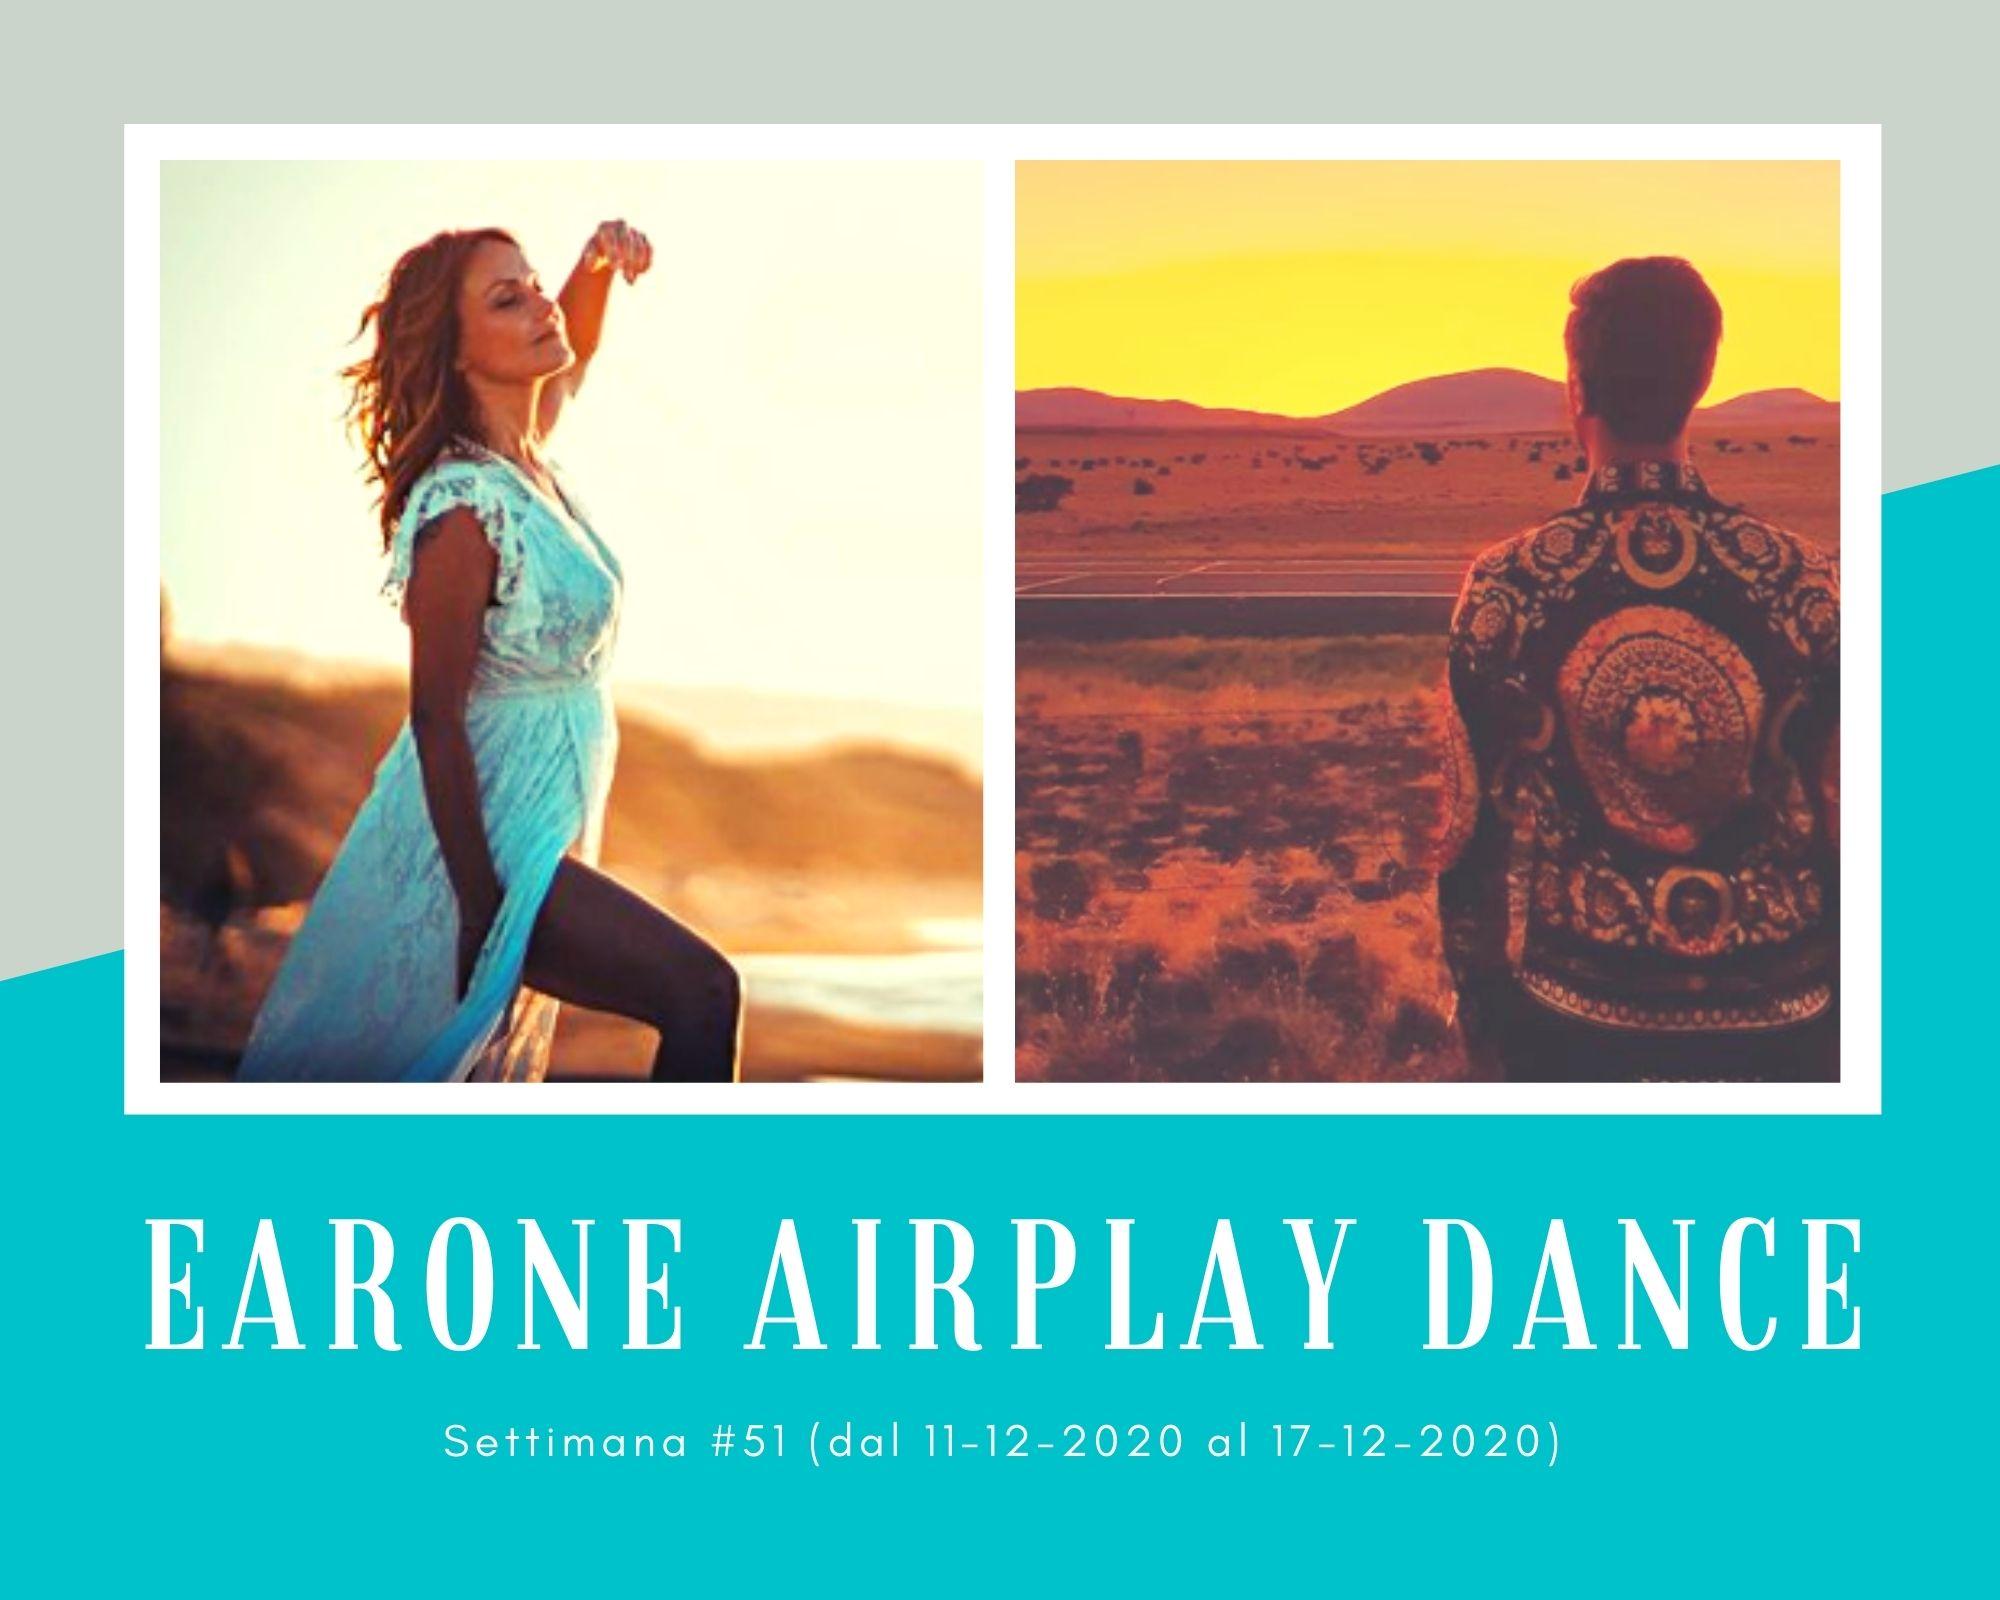 Classifica Radio EARONE Airplay Dance, week 51. Neja nel mucchio e i Meduza alle spalle di David Guetta